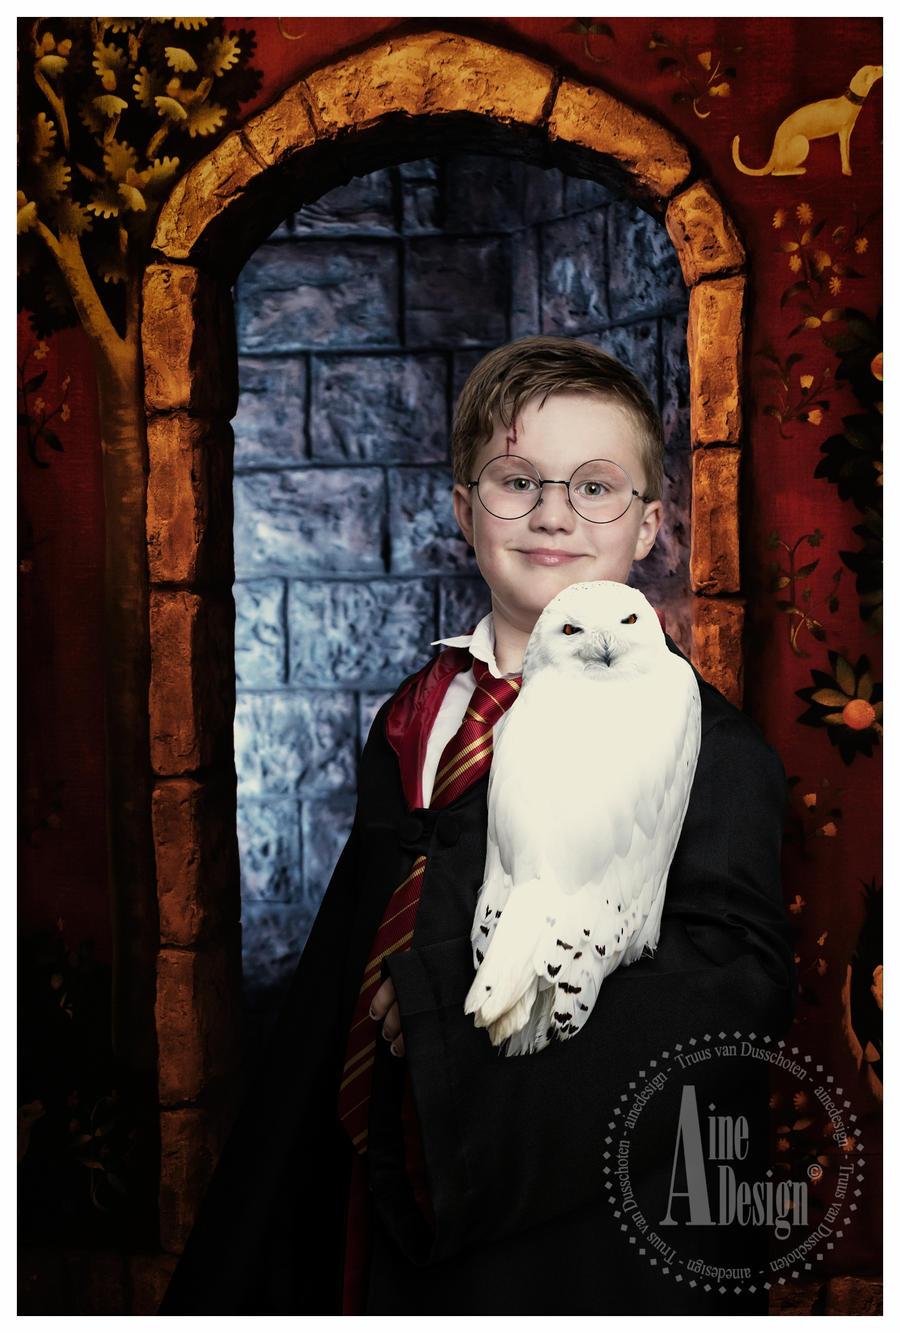 Harry Potter Part 3